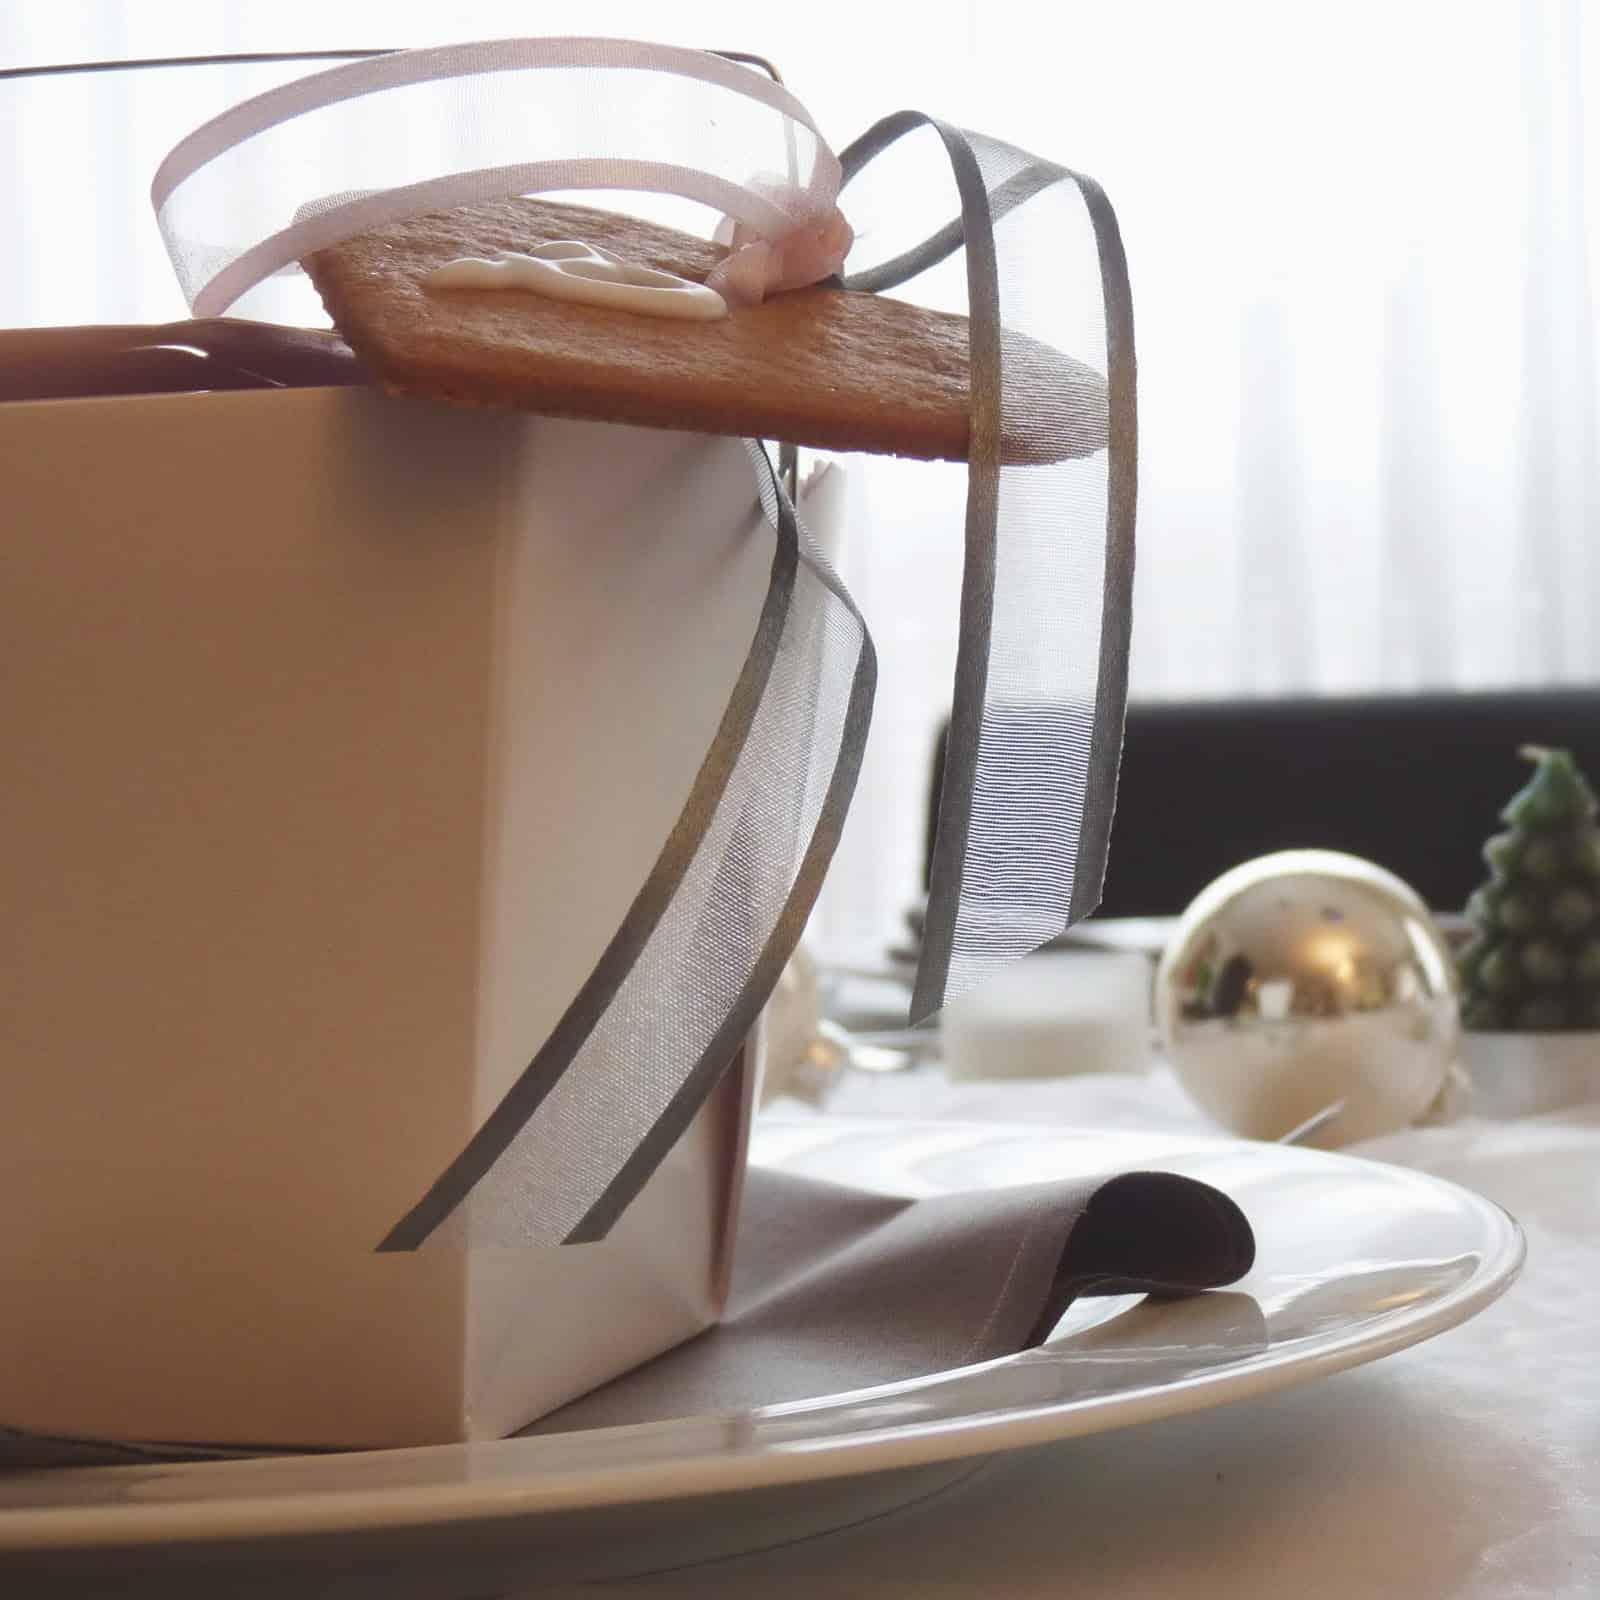 3 Schritte zum Weihnachtsessen | SOAP|KITCHEN|STYLE